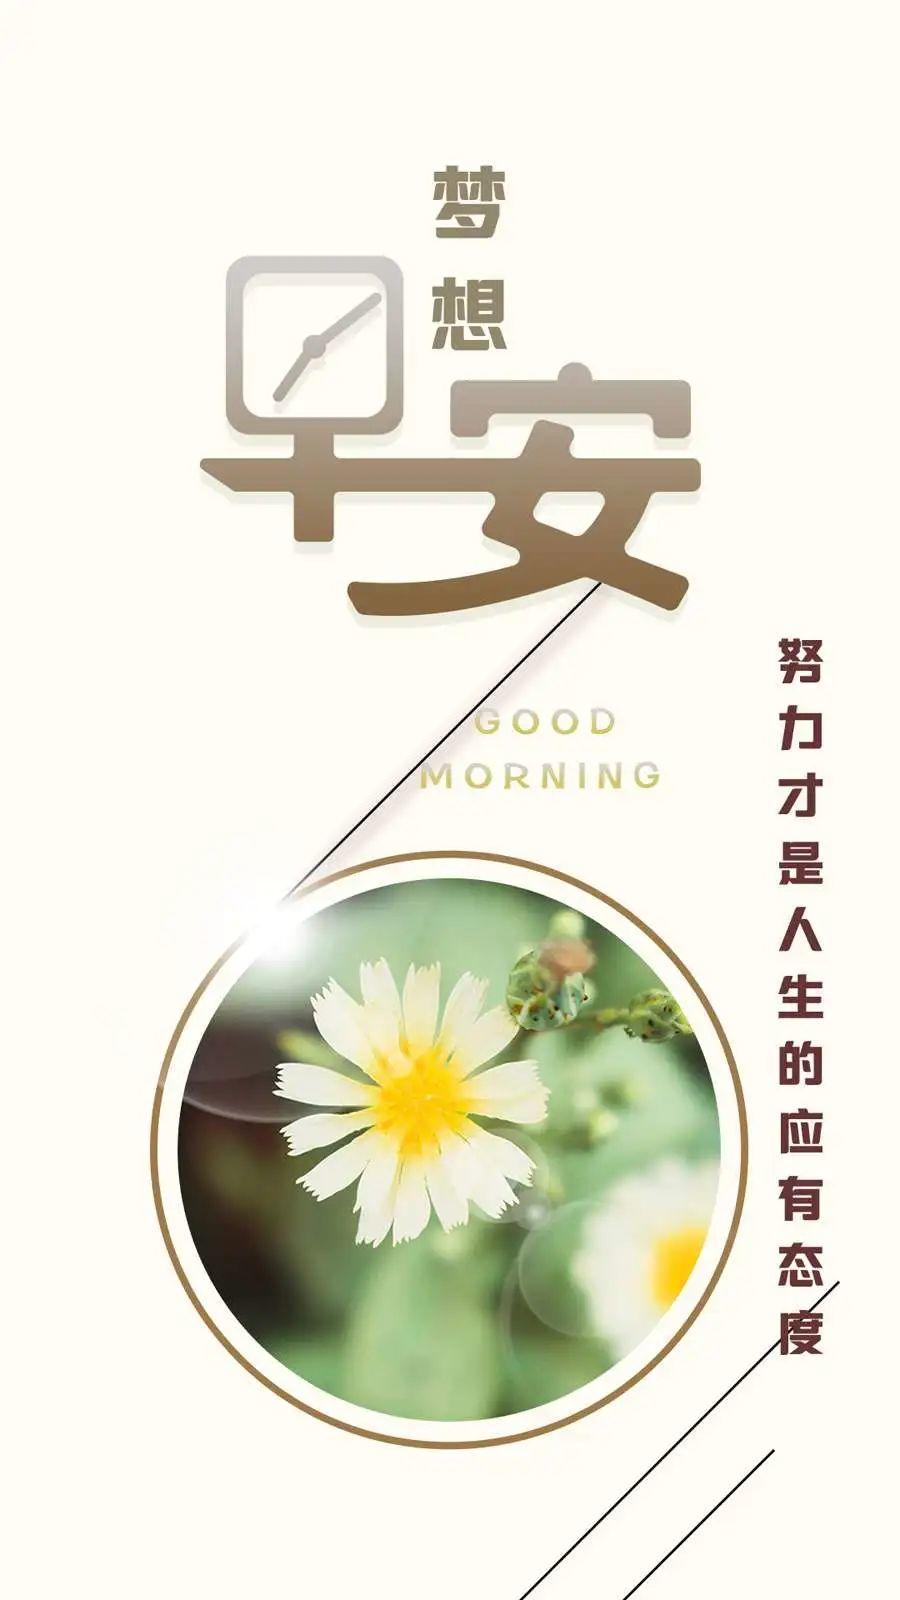 3月5日早上发朋友圈激励人心的好文案:总把陌生人的小恩小惠当做是大恩大德,却冷落周边的爱人。插图2